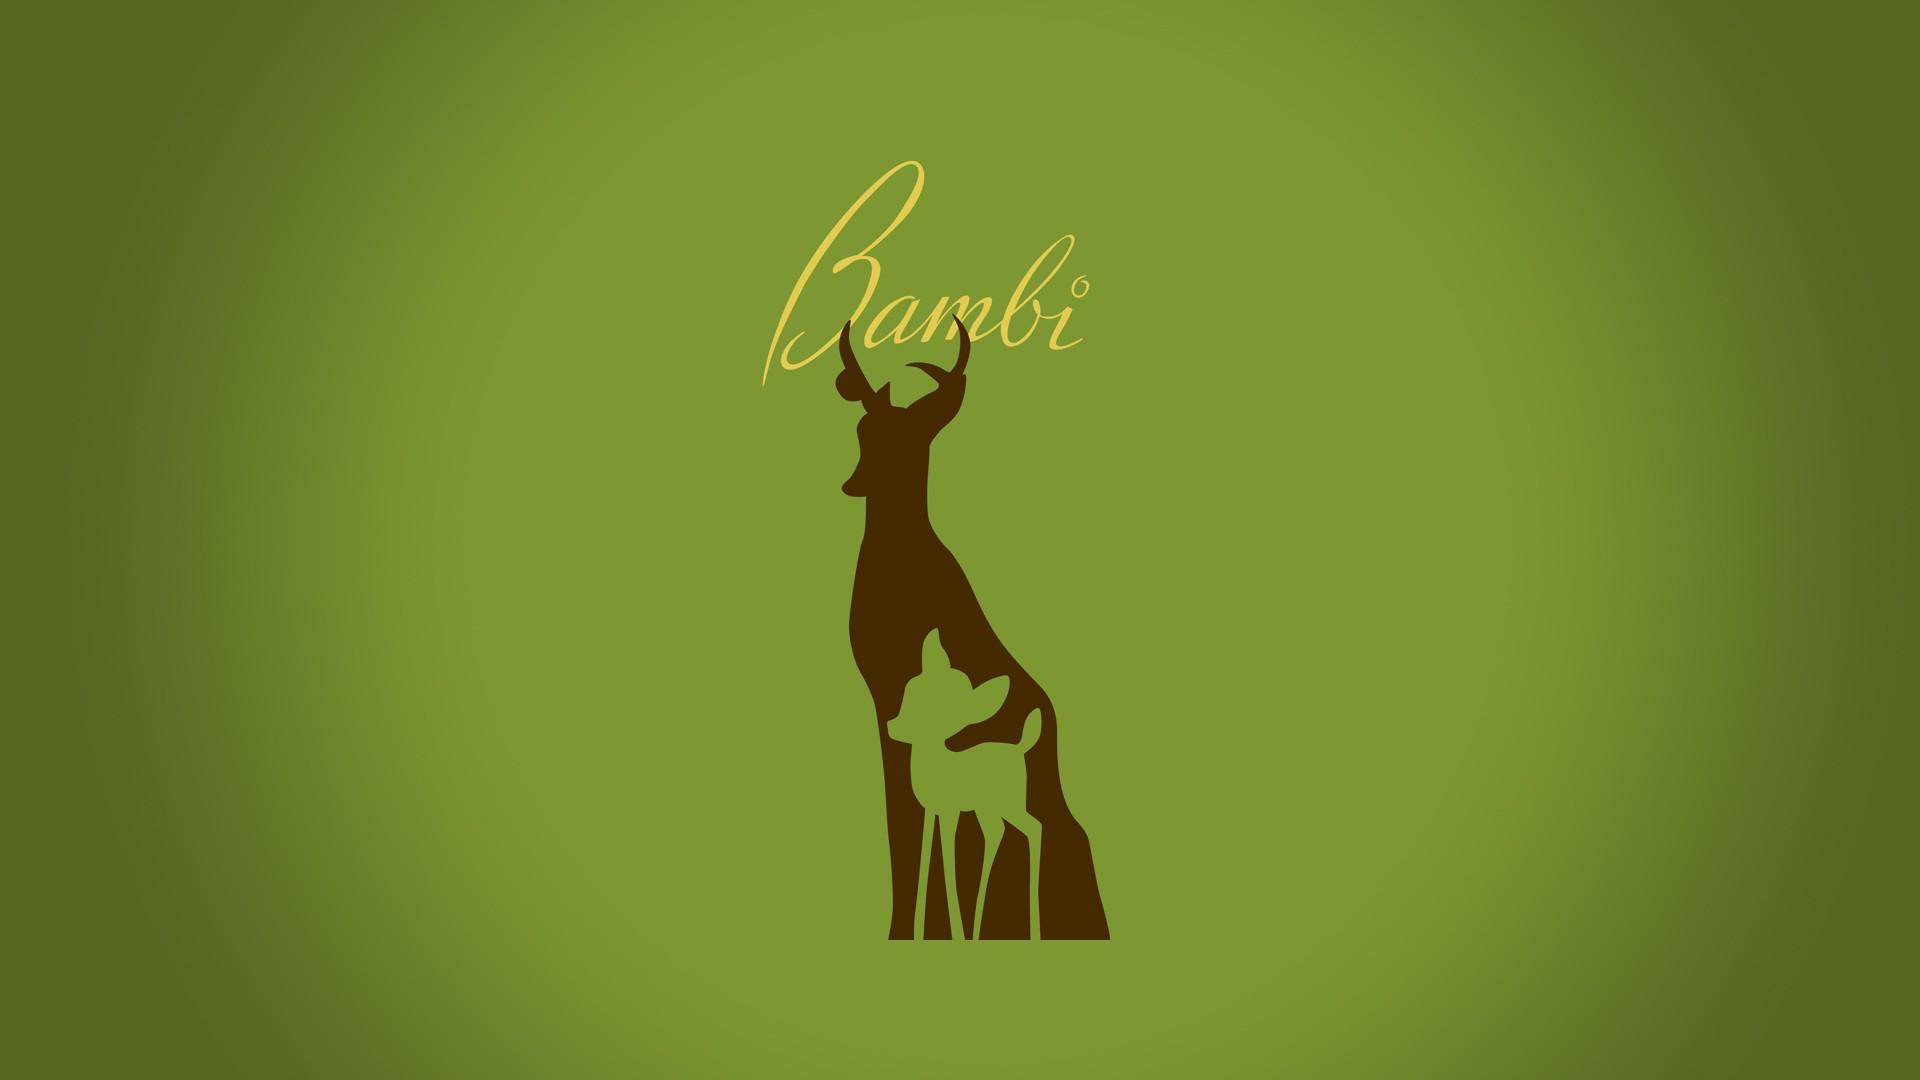 Minimalistic Bambi hd wallpaper background 1920x1080